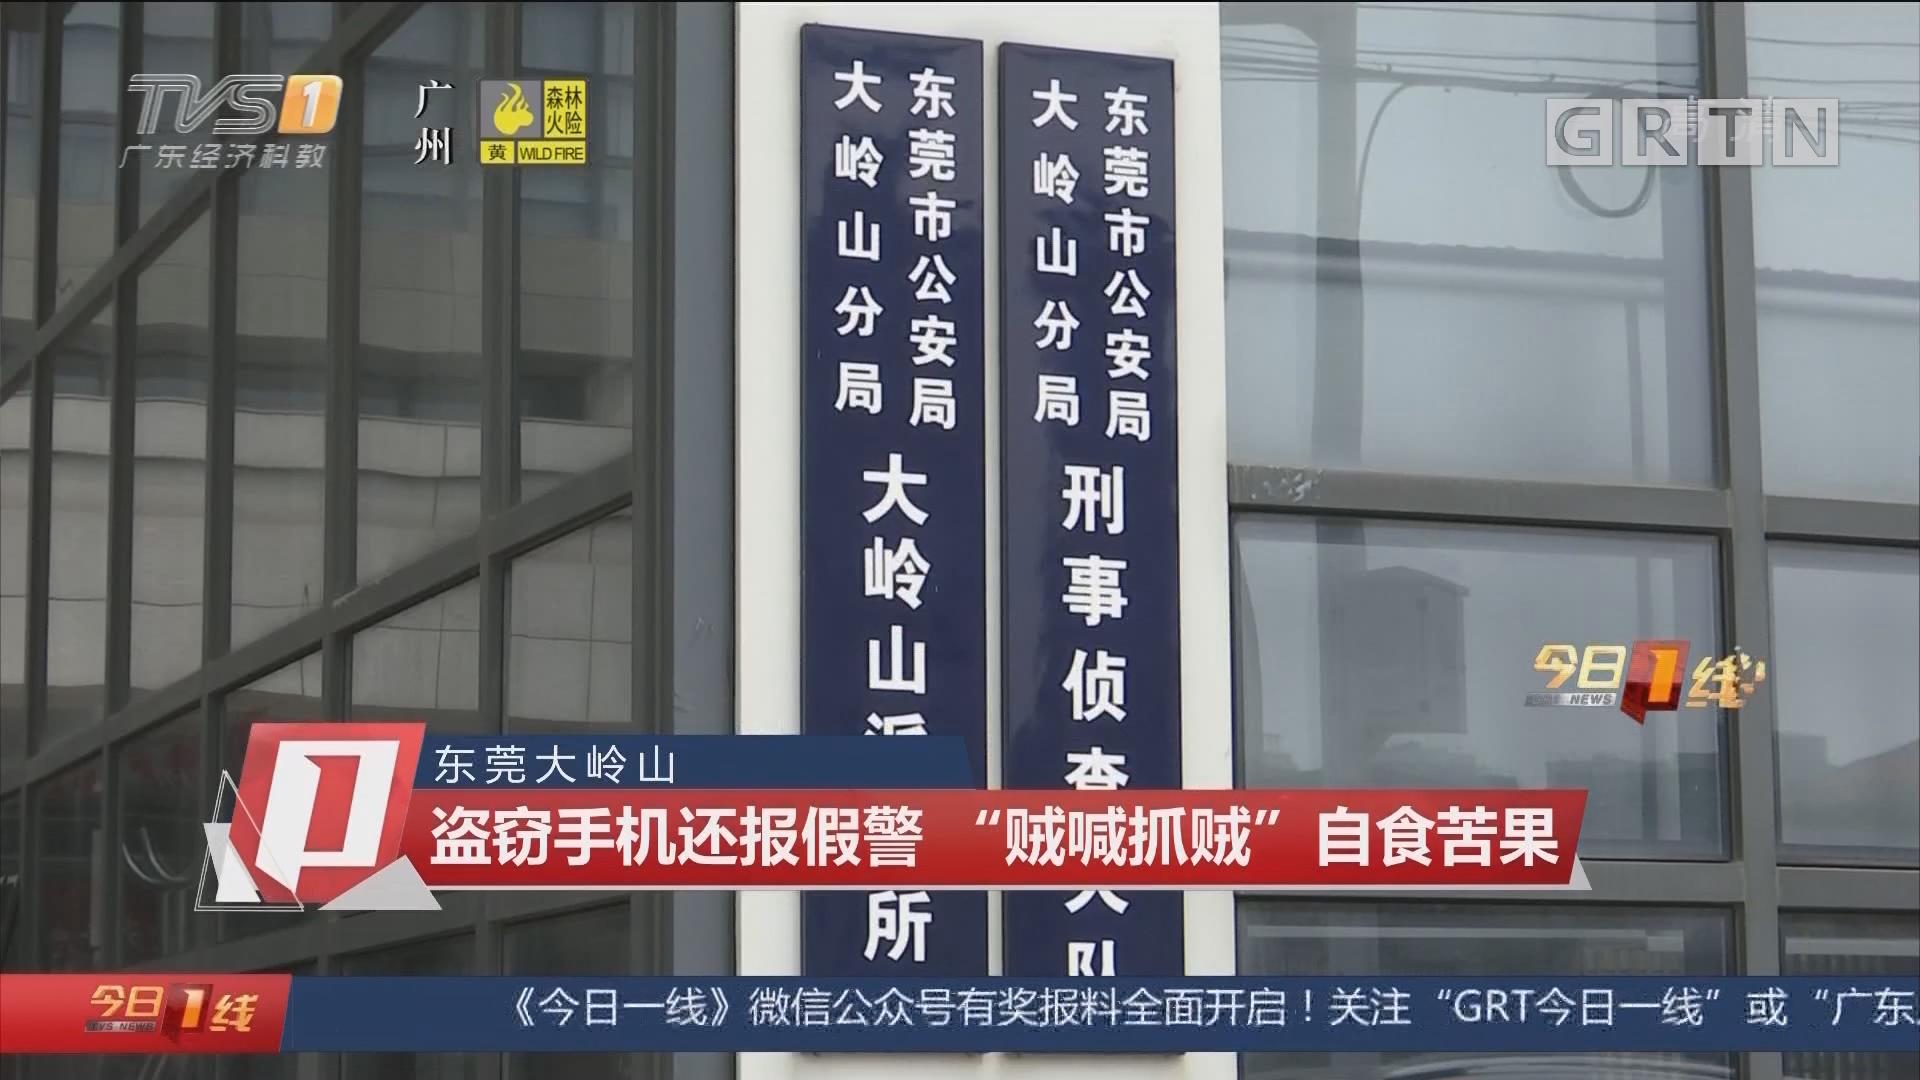 """东莞大岭山 盗窃手机还报假警 """"贼喊抓贼""""自食苦果"""